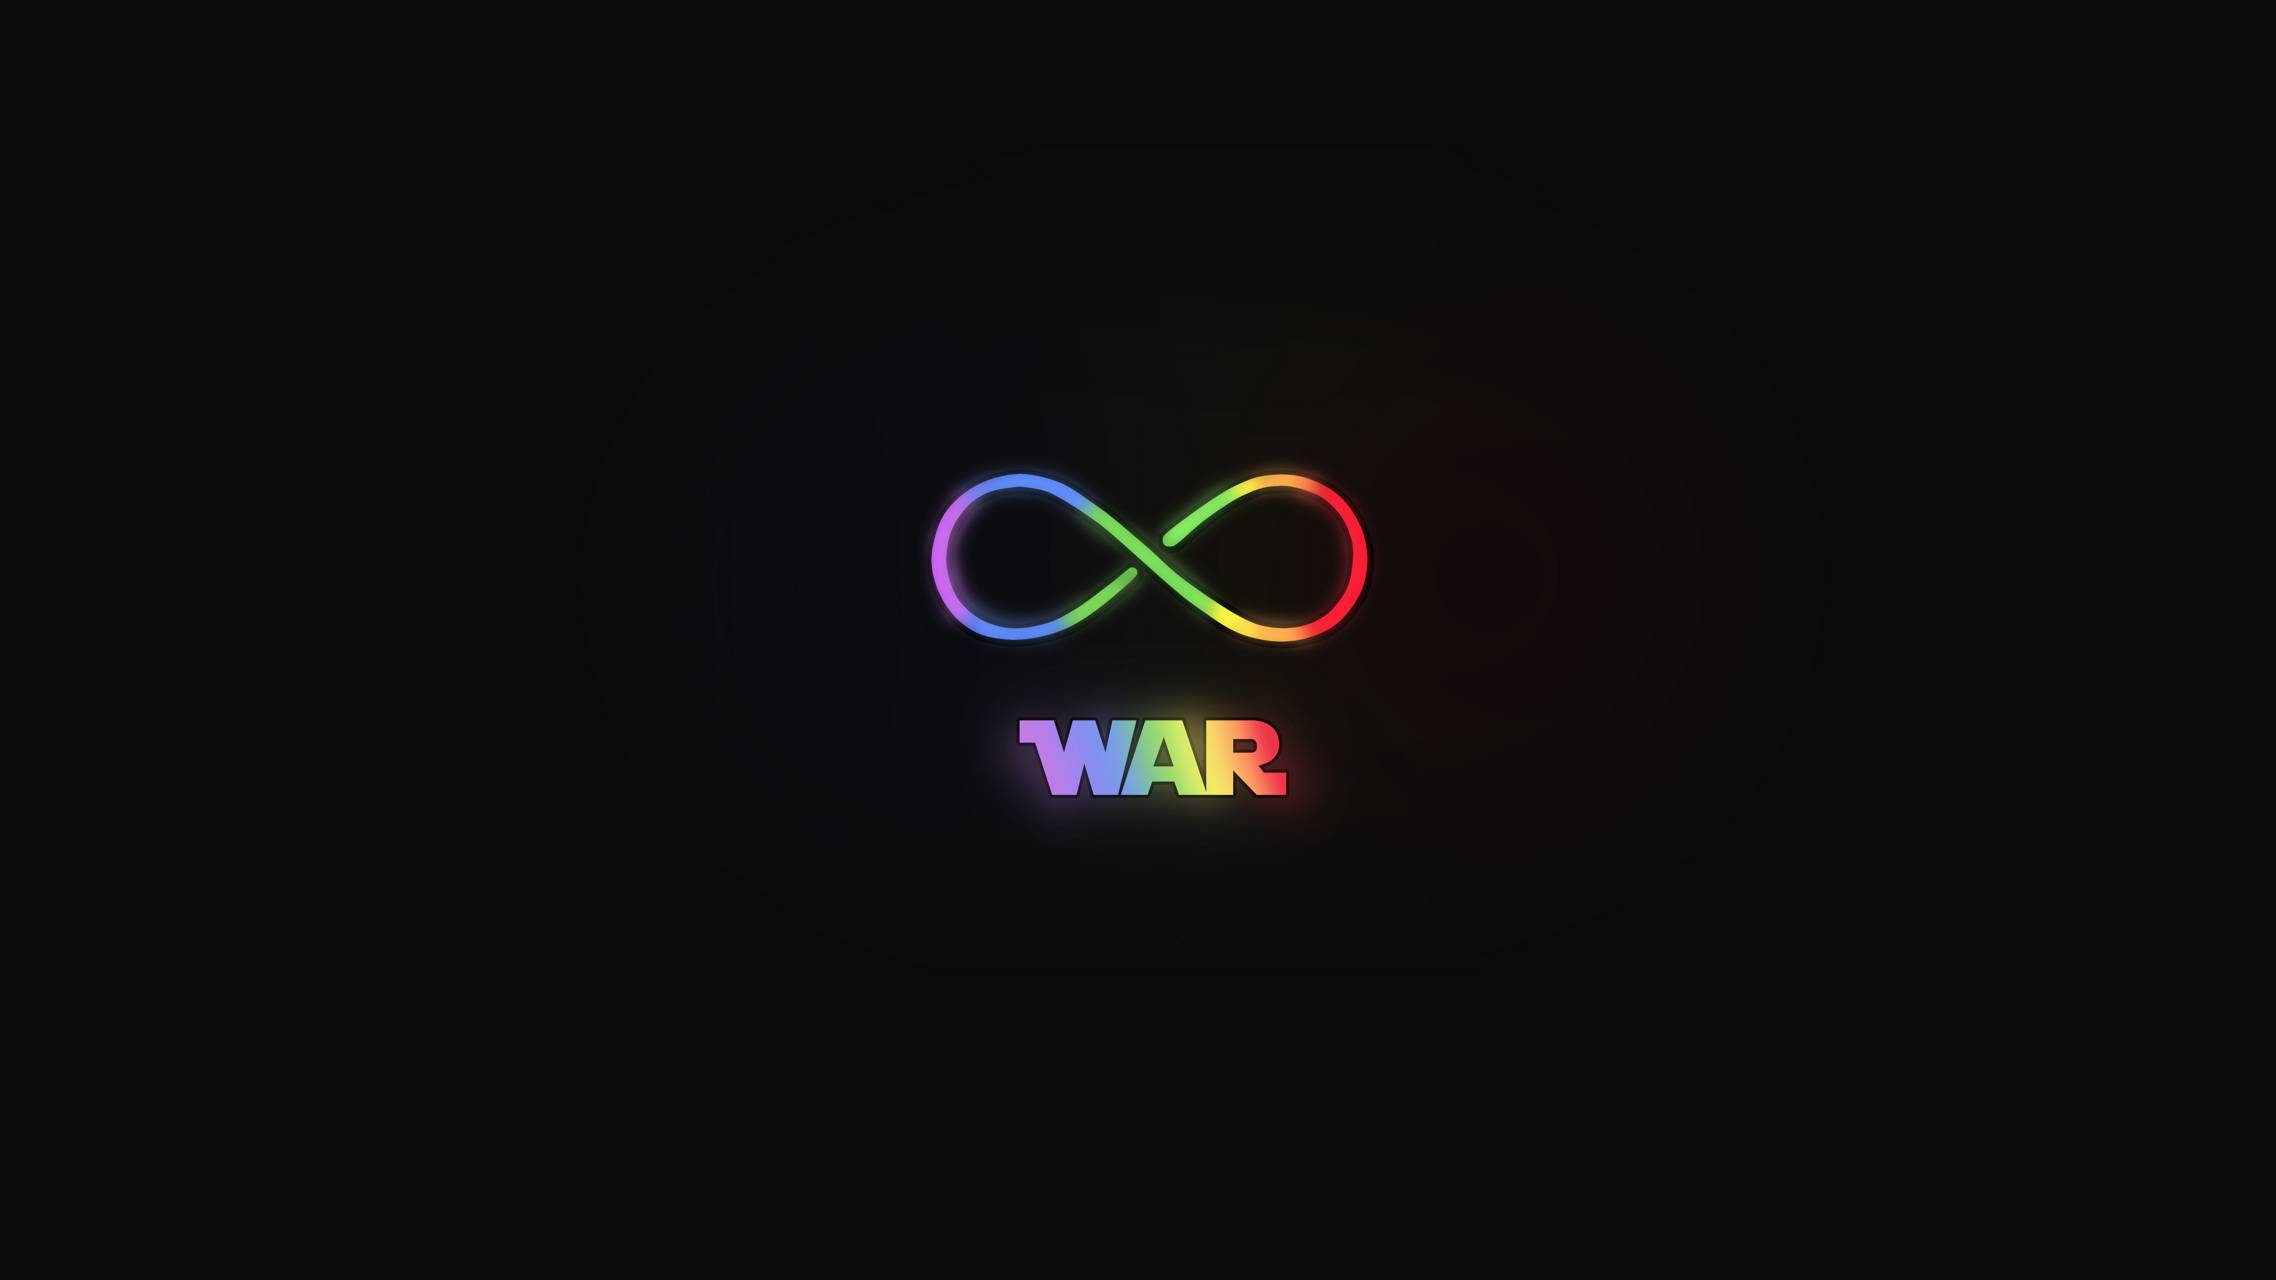 Infinity War neon